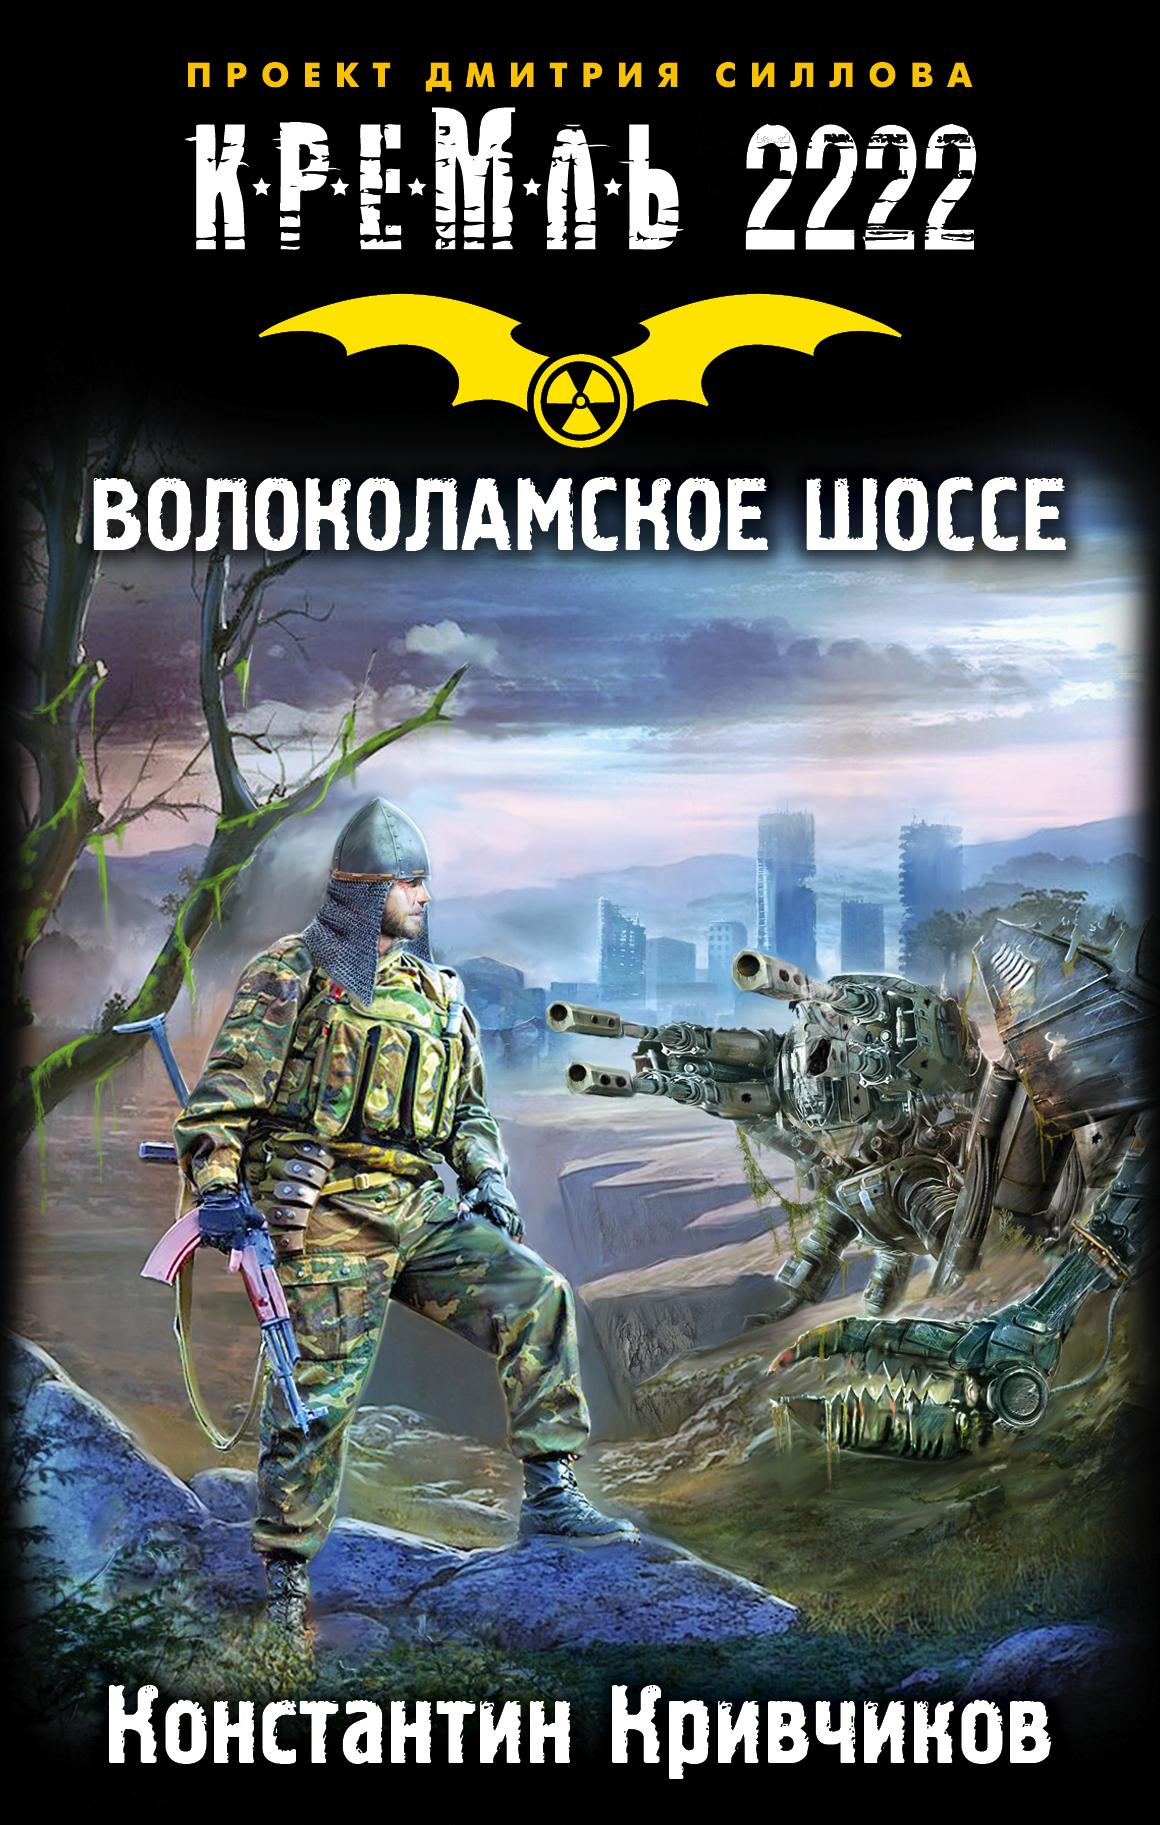 Константин Кривчиков Кремль 2222. Волоколамское шоссе кривчиков к кремль 2222 волоколамское шоссе